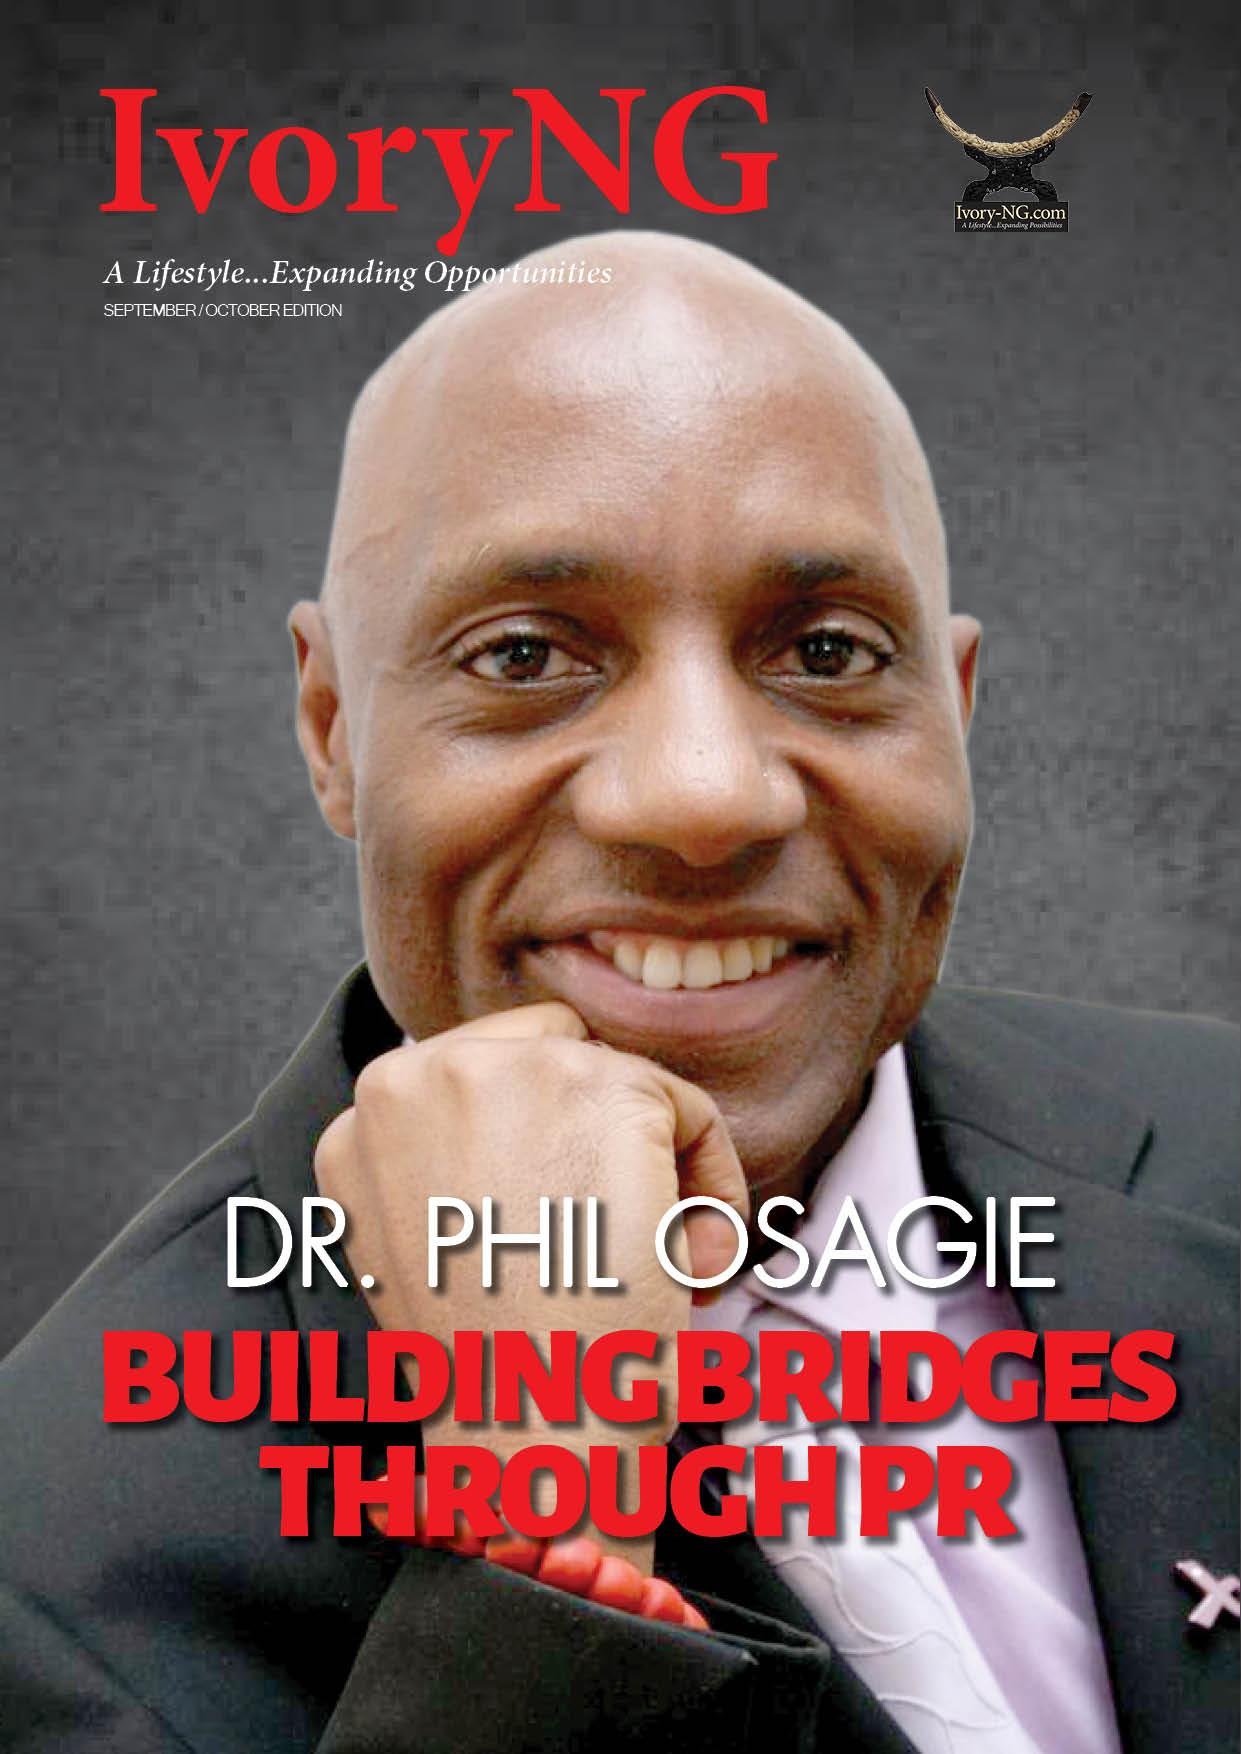 Dr. Phil Osagie: Building Bridges Through PR